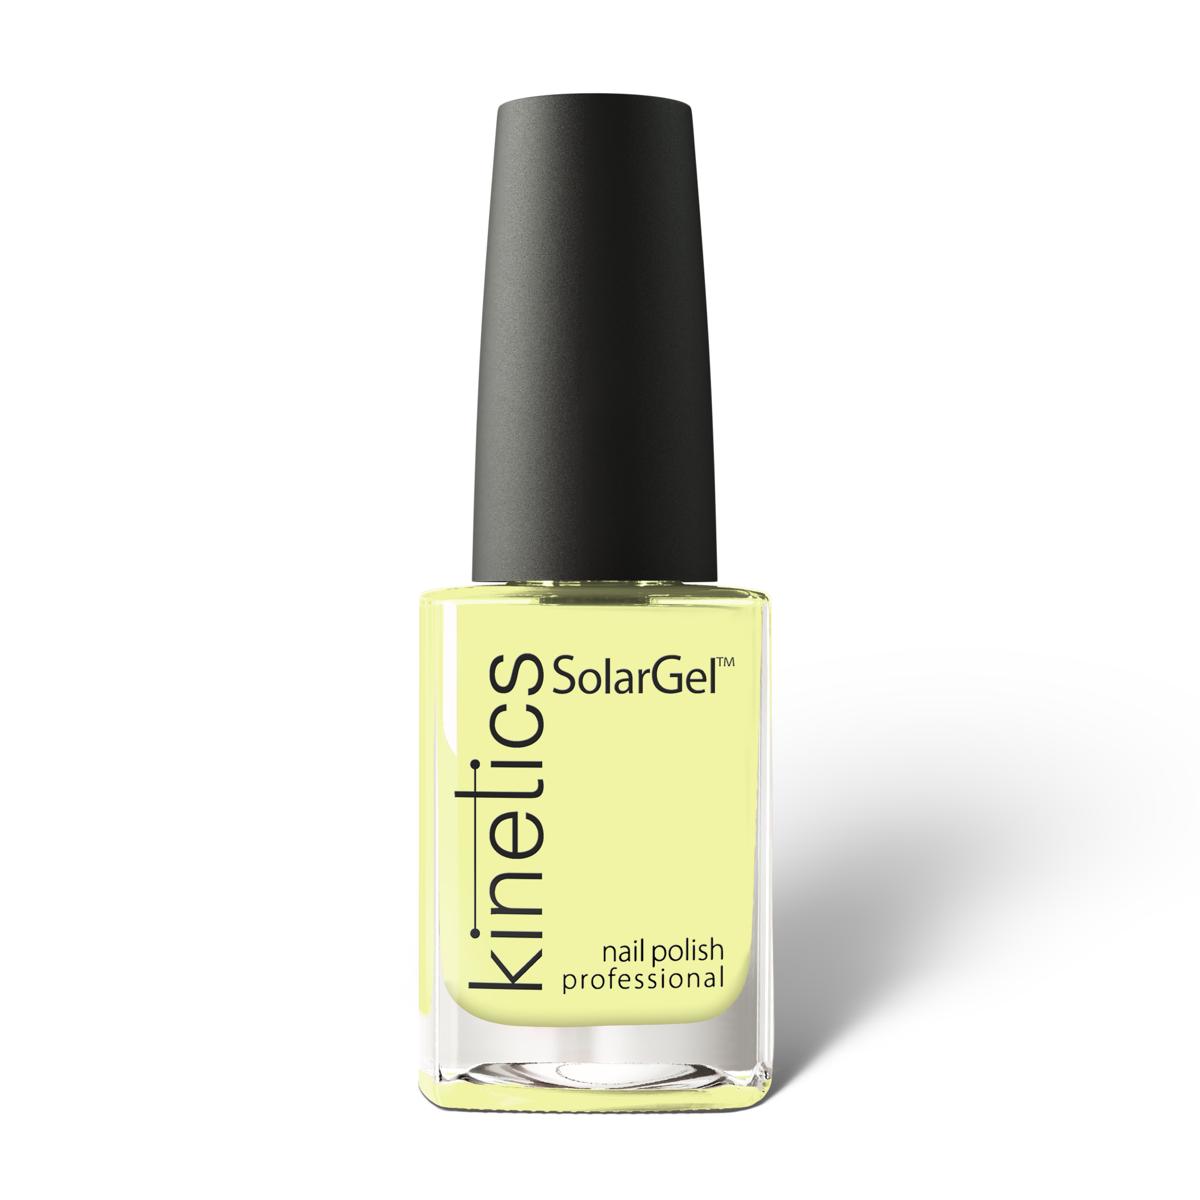 Коллекция лаков для ногтей Unfreeze от Kinetics